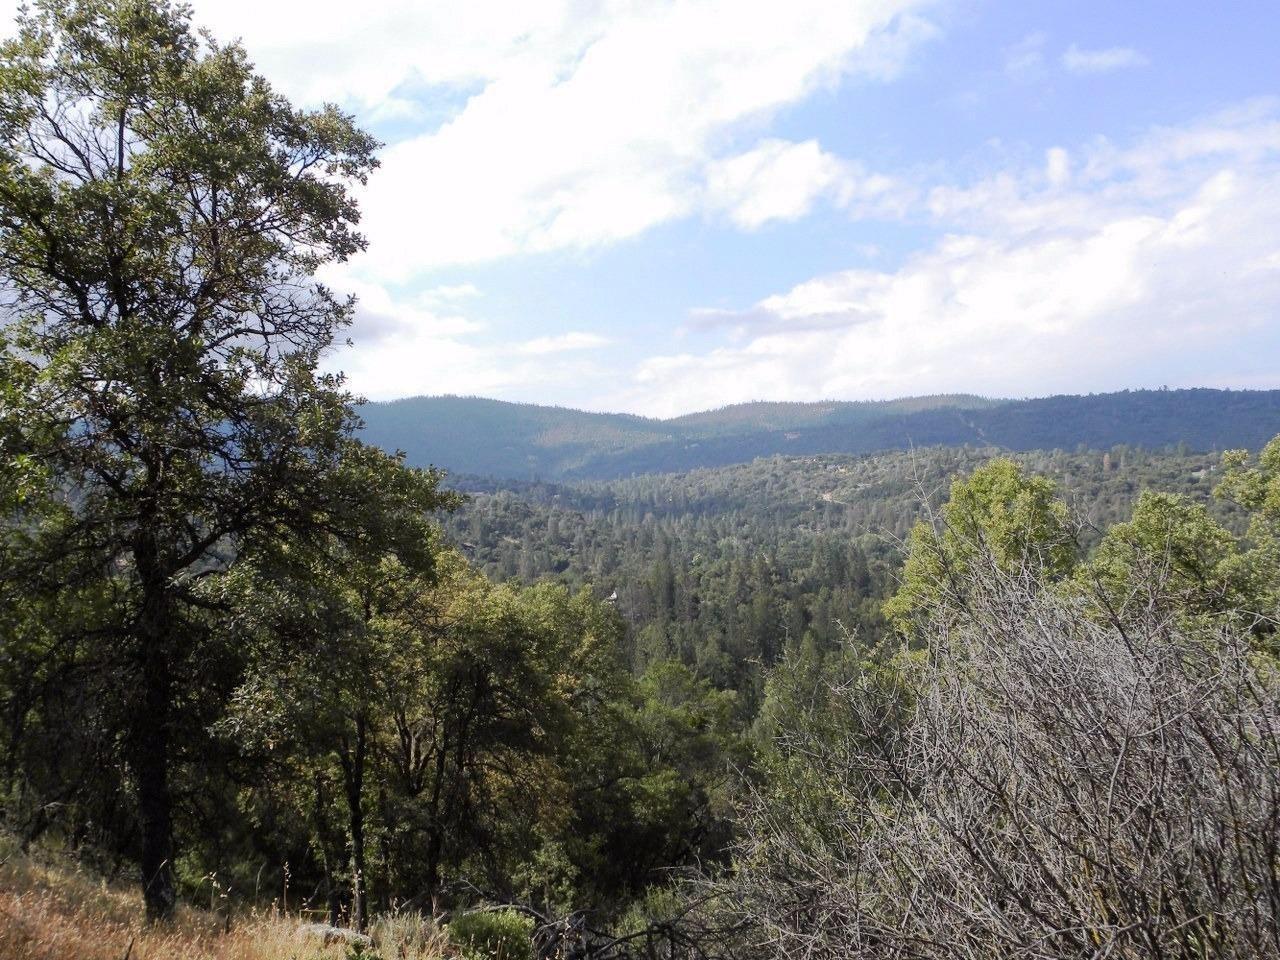 0 Oakhurst View Ct, Oakhurst, CA, 93644